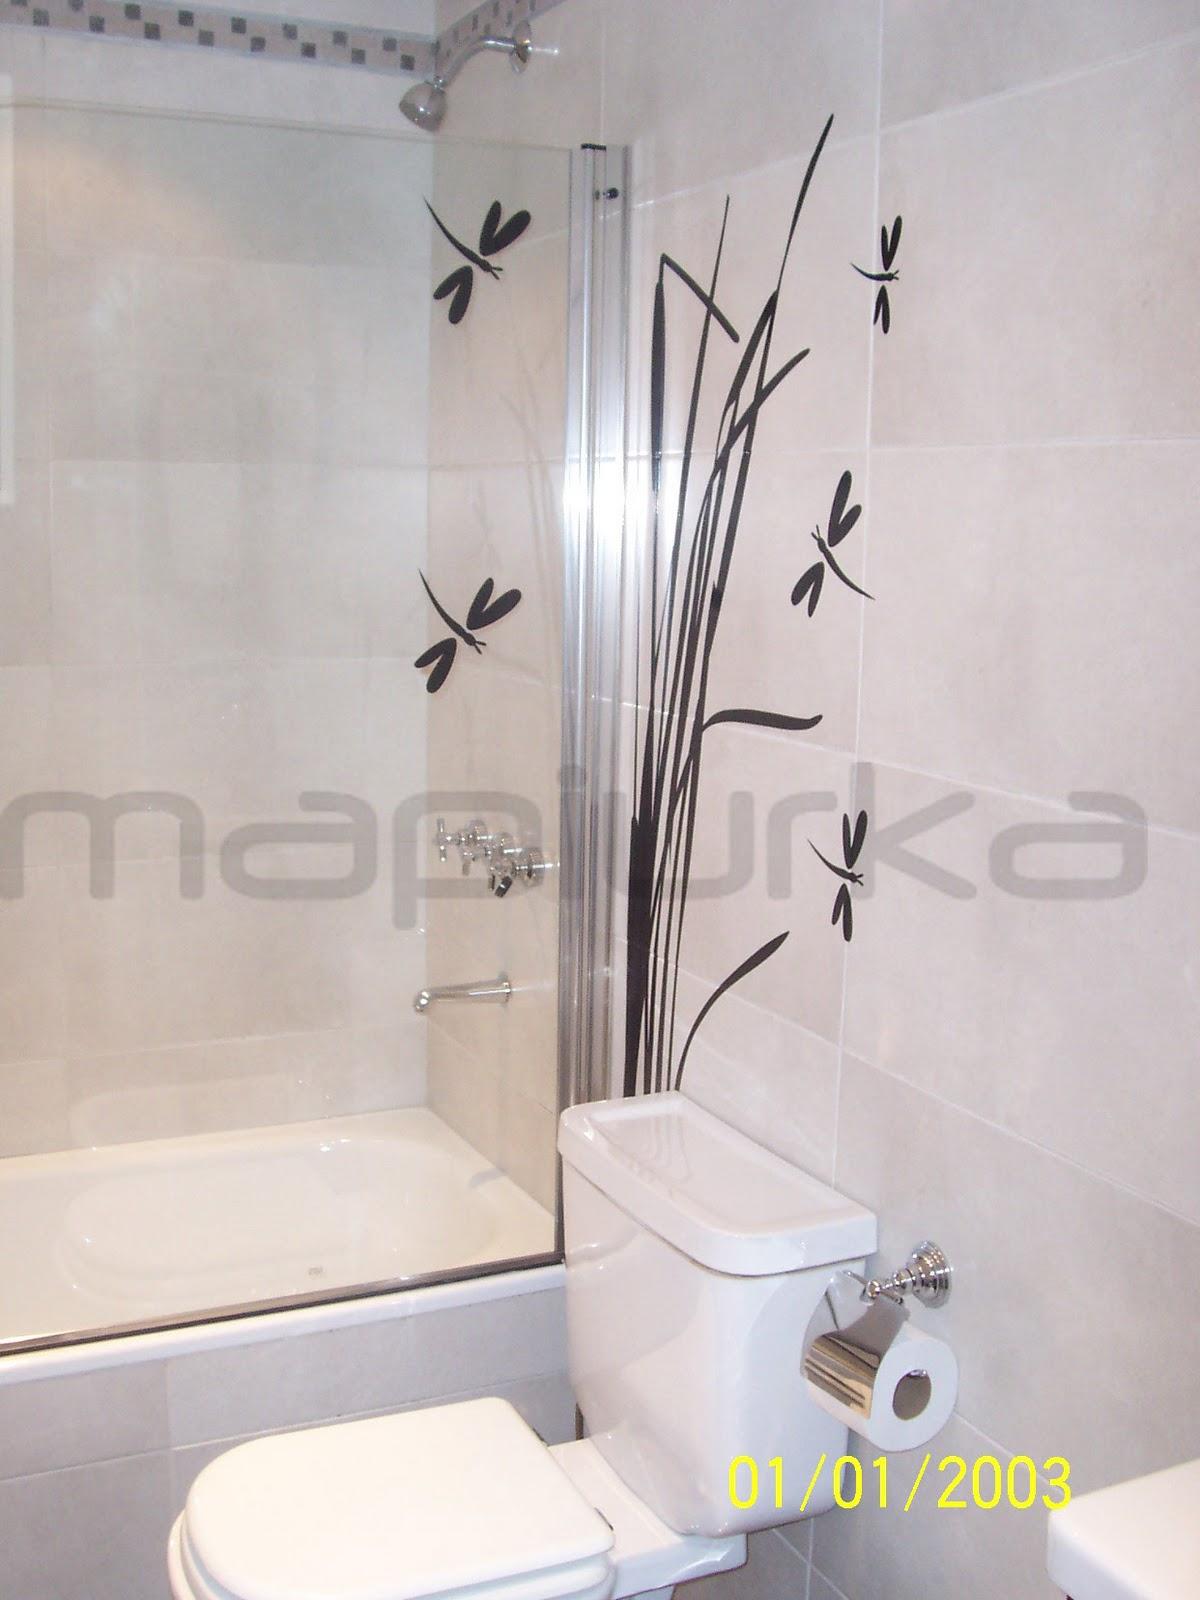 Mapiurka adhesivos decorativos ba marzo 2011 for Vinilos adhesivos para paredes de banos